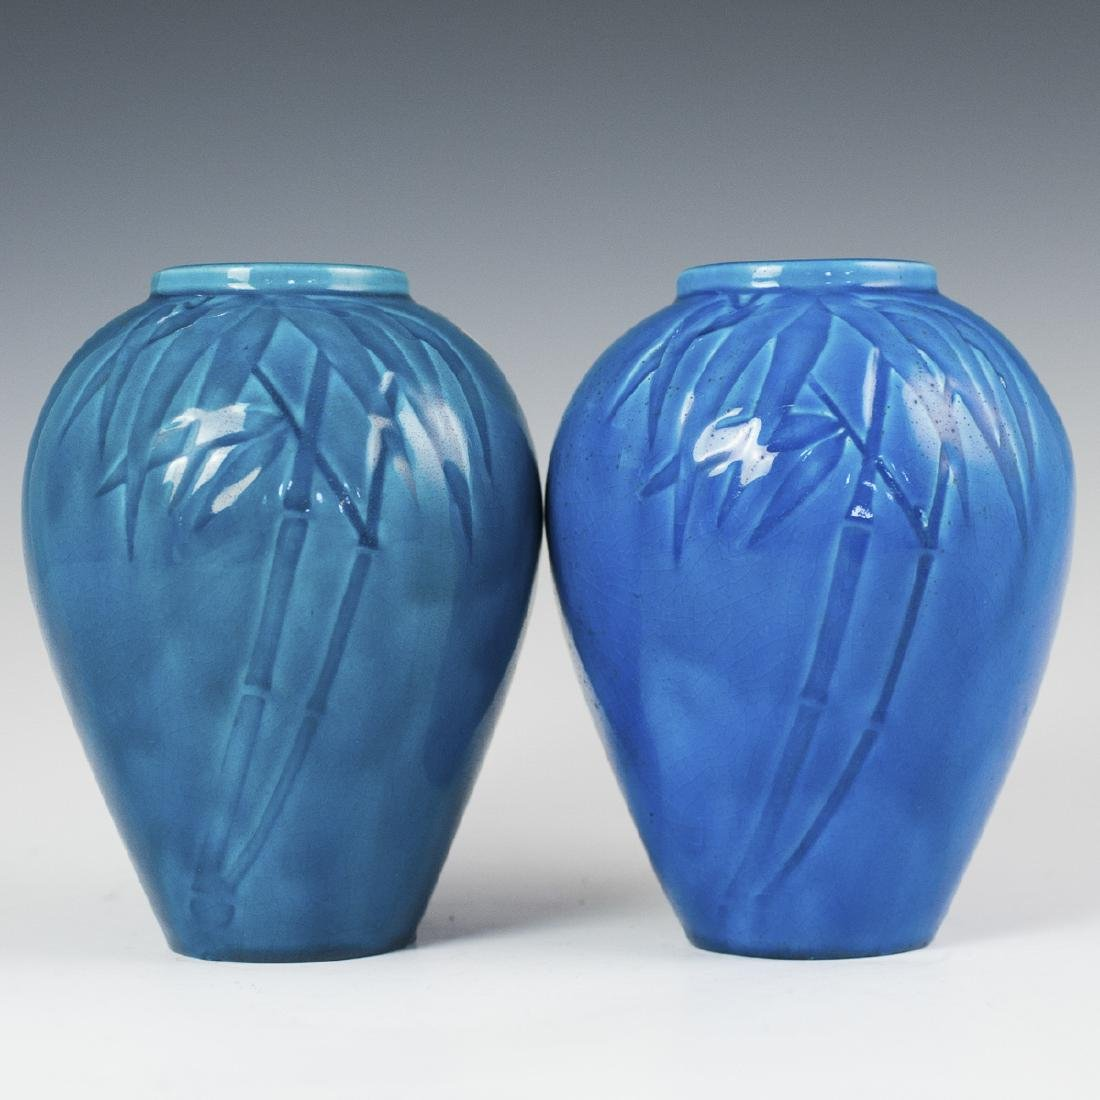 Chinese Turquoise Glazed Porcelain Vases